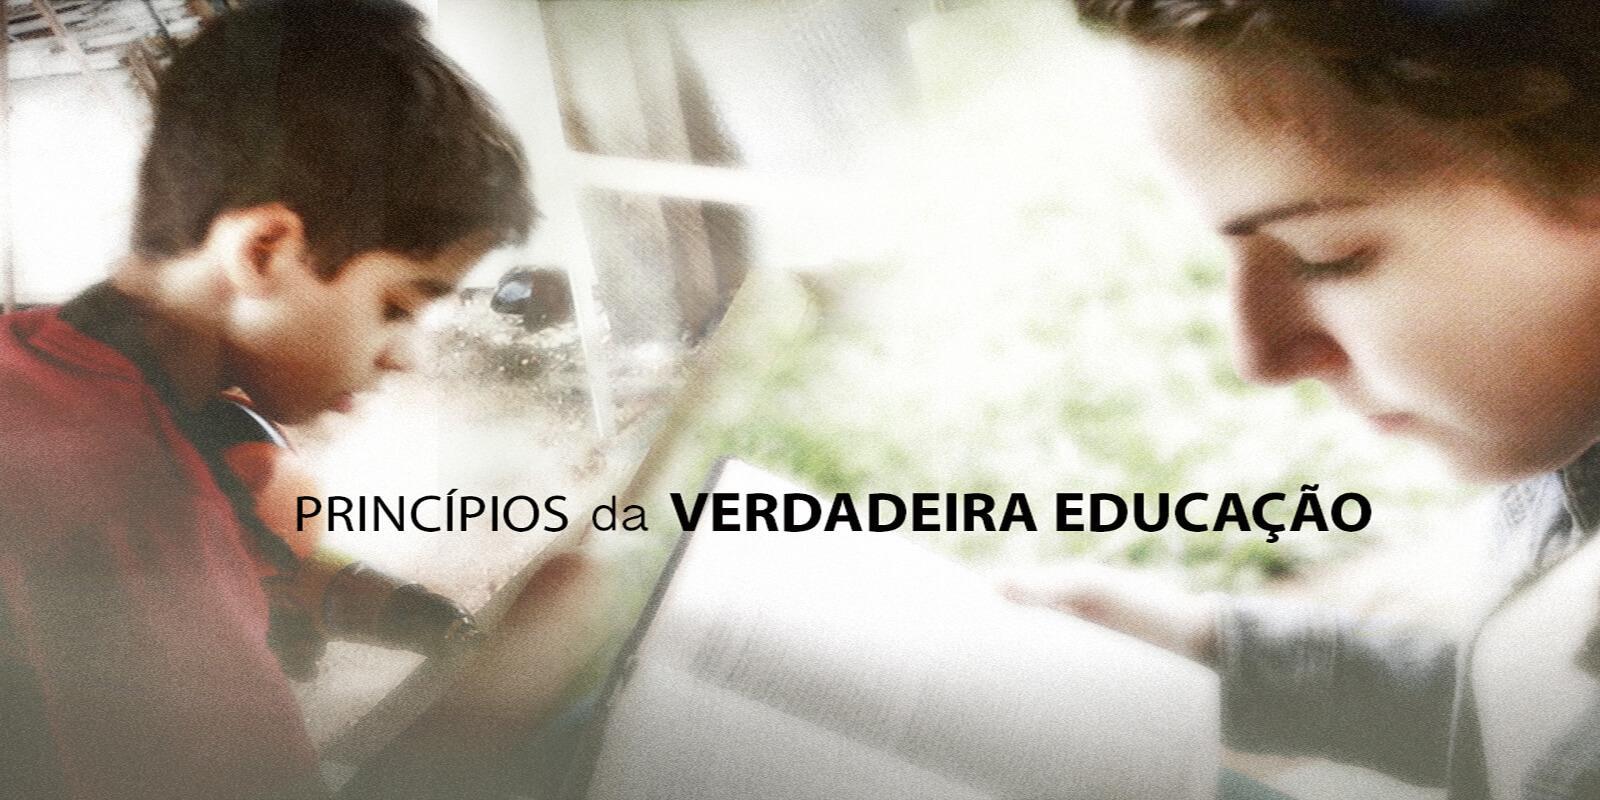 Princípios da Verdadeira Educação